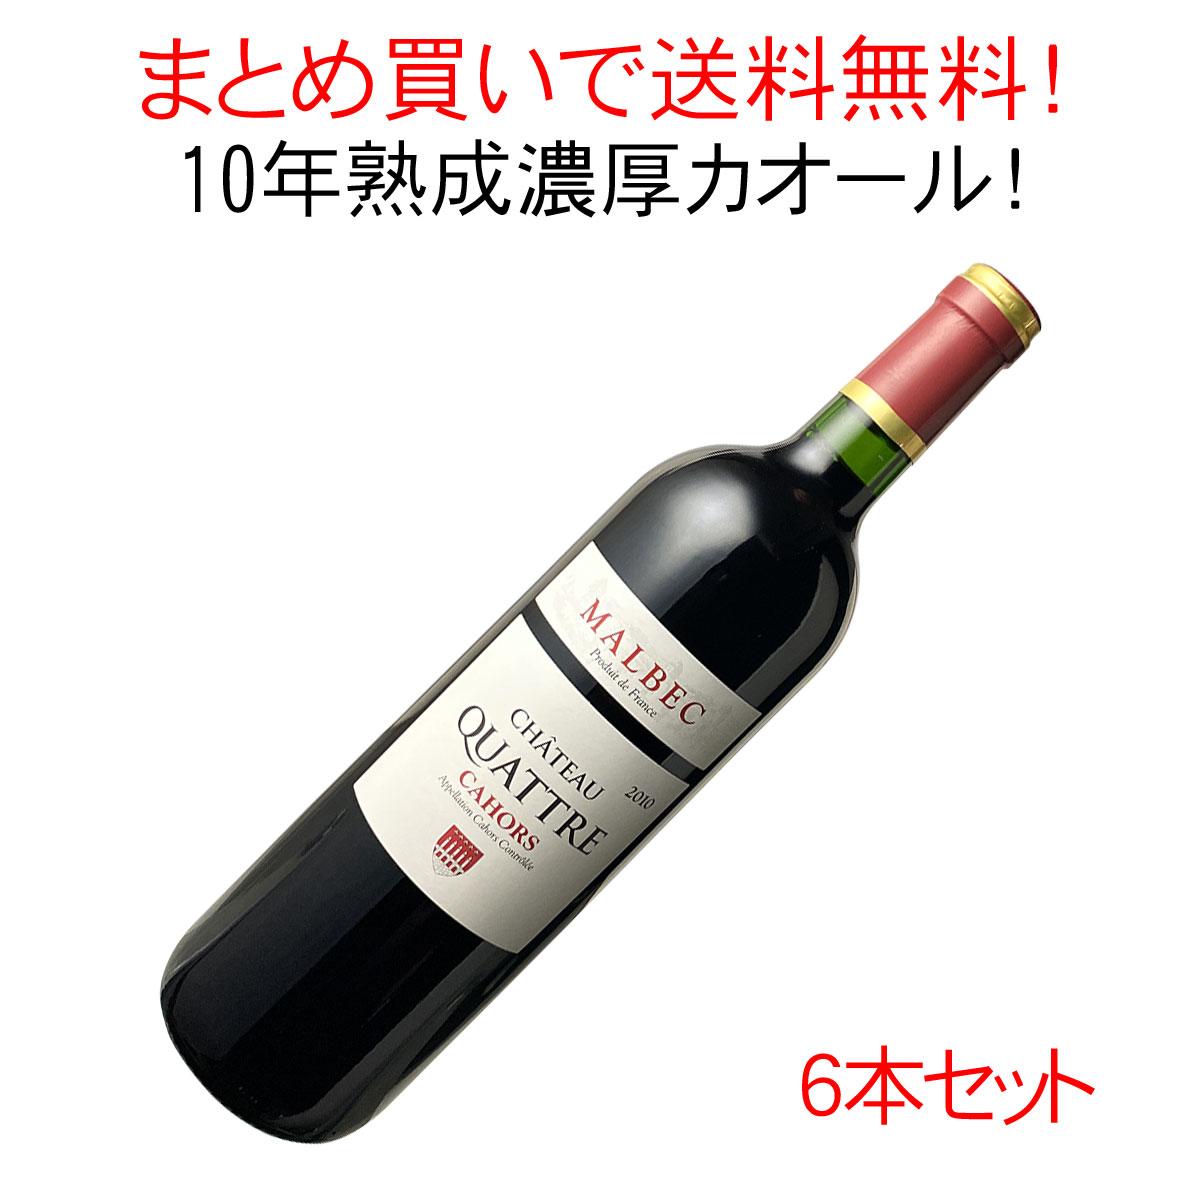 【送料無料】カオール [2010] シャトー・キャトル 1ケース6本セット <ワイン/フランス南西部>